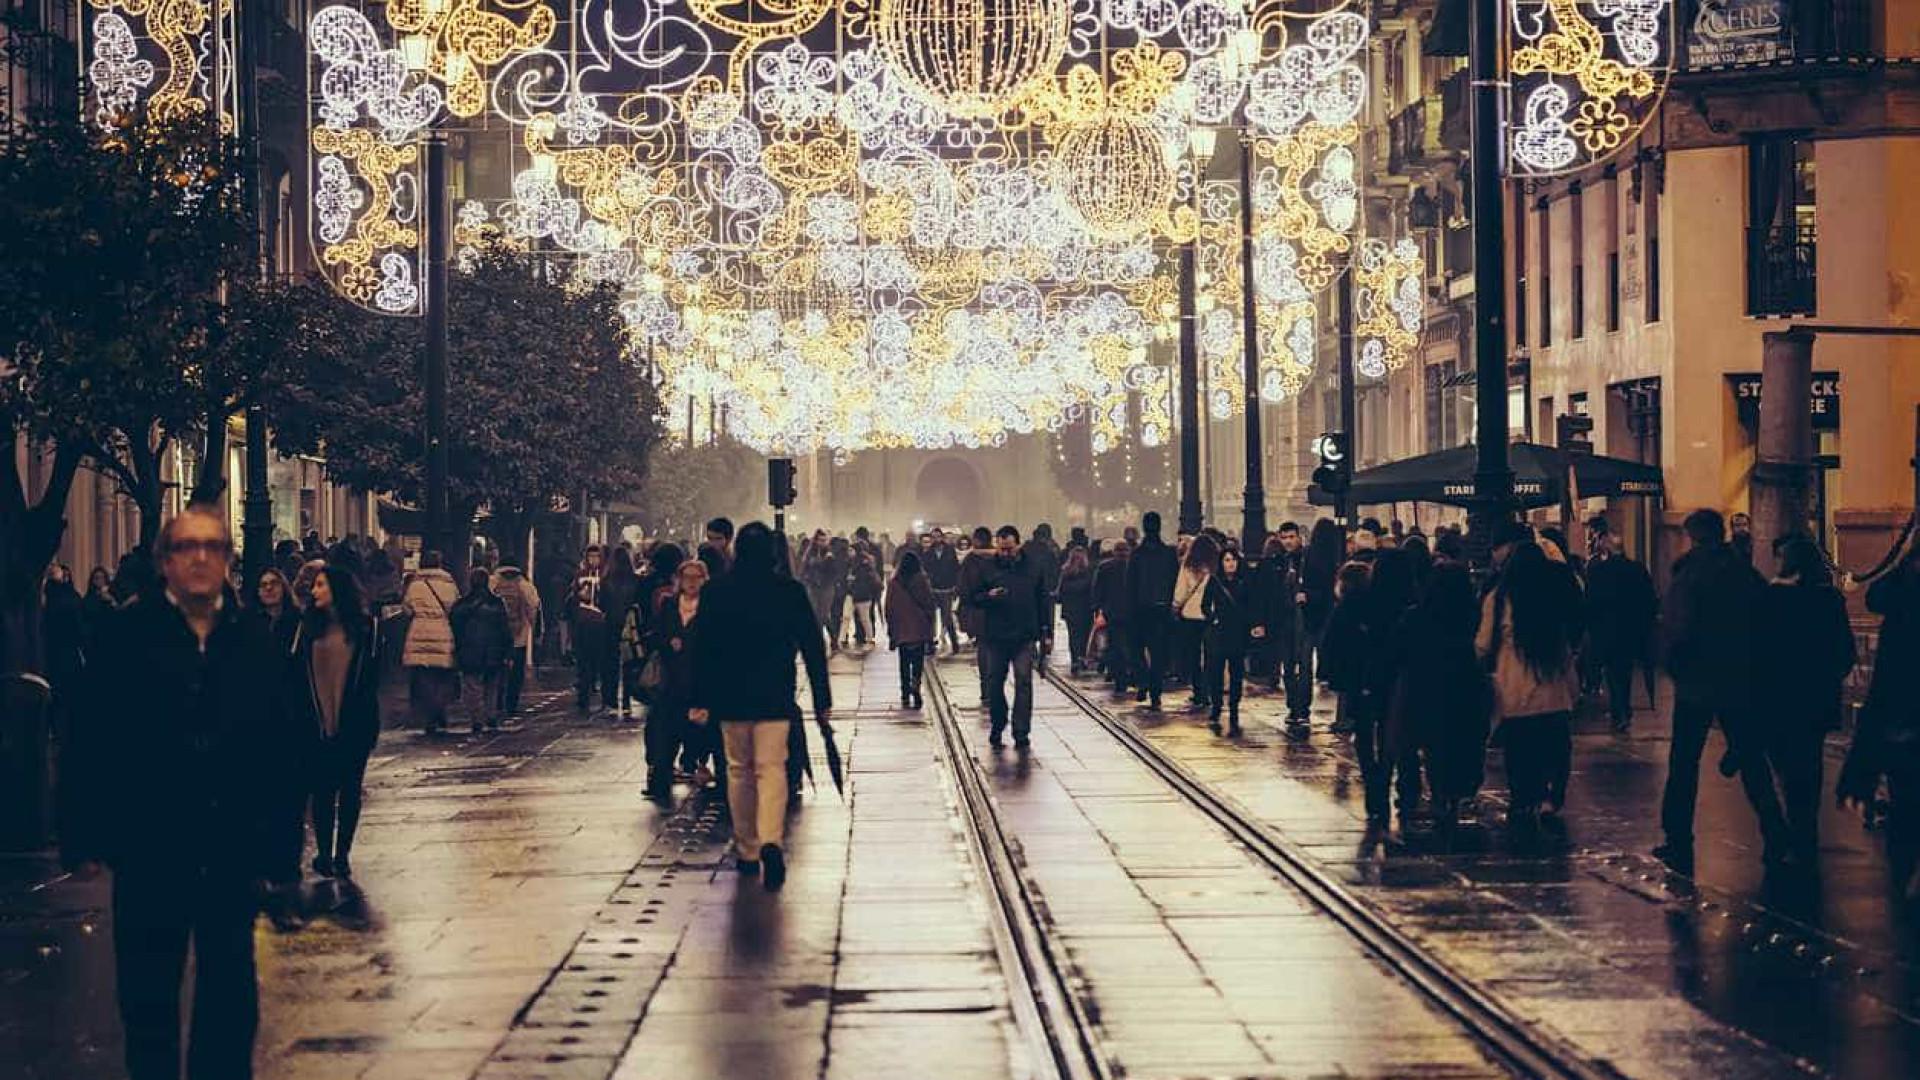 Incêndios: Municípios de Viseu aproveitam Natal para transmitir ânimo